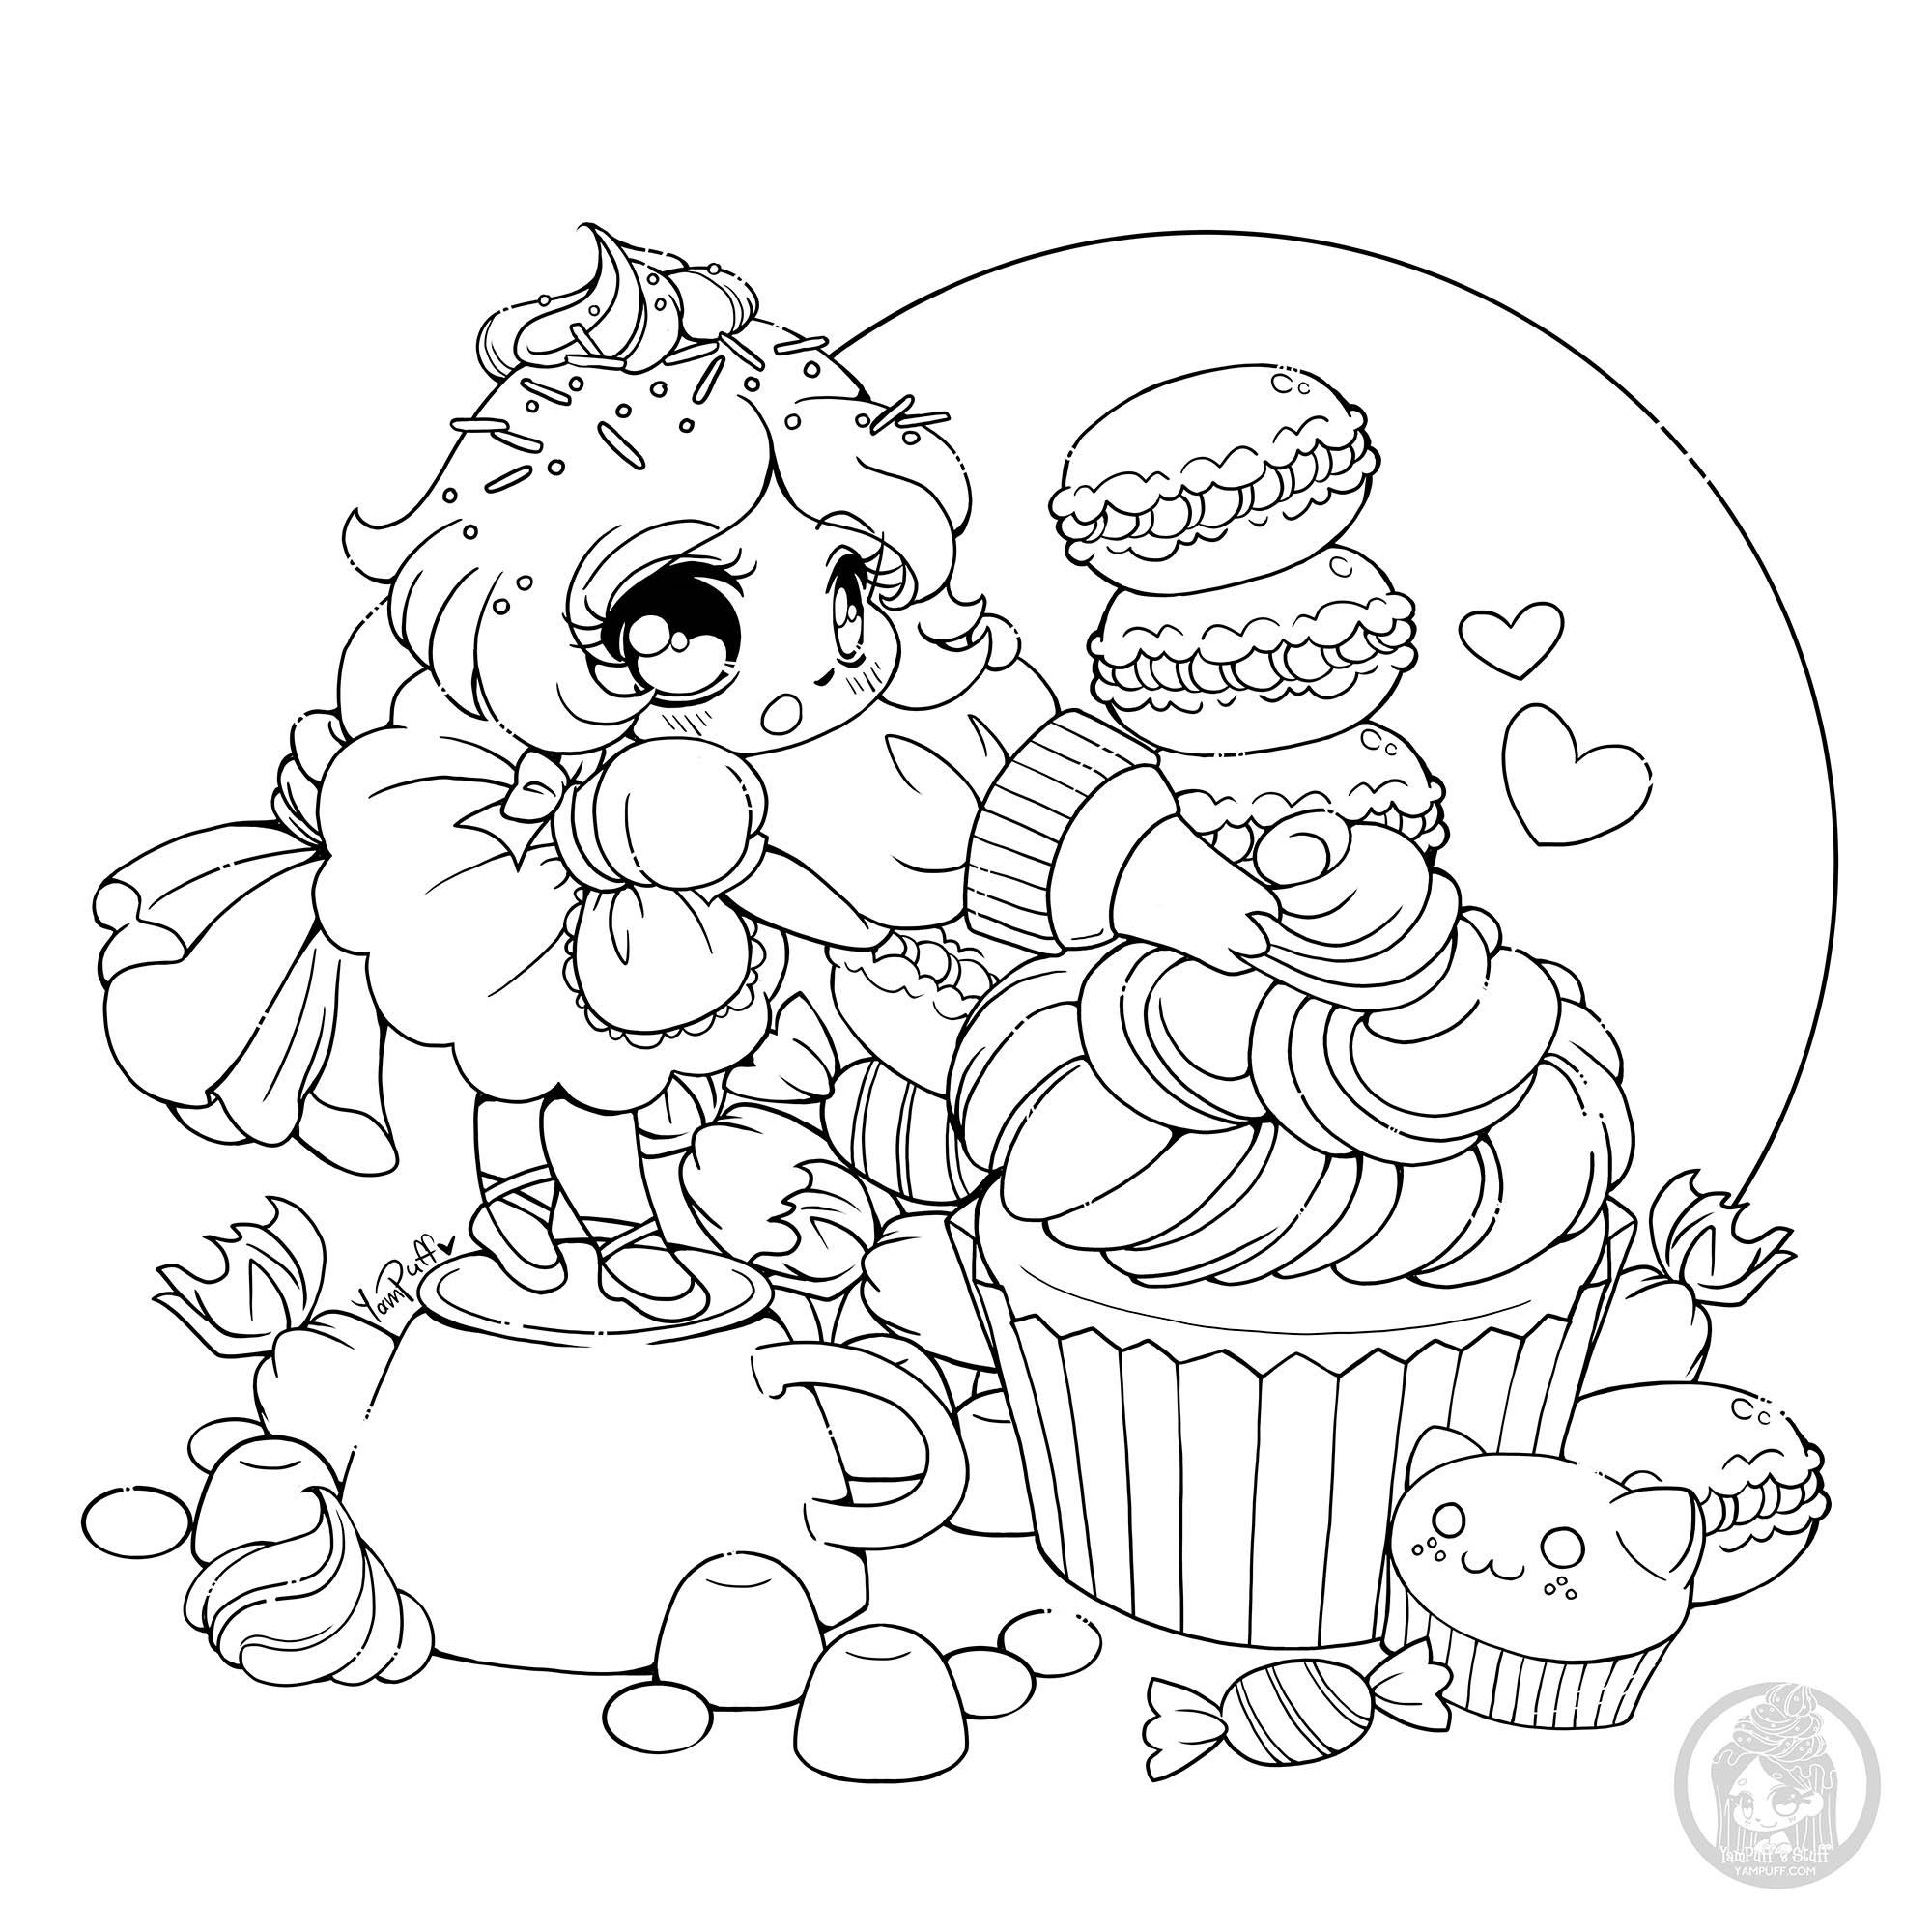 Disegni da Colorare per Adulti : Cup Cakes - 1